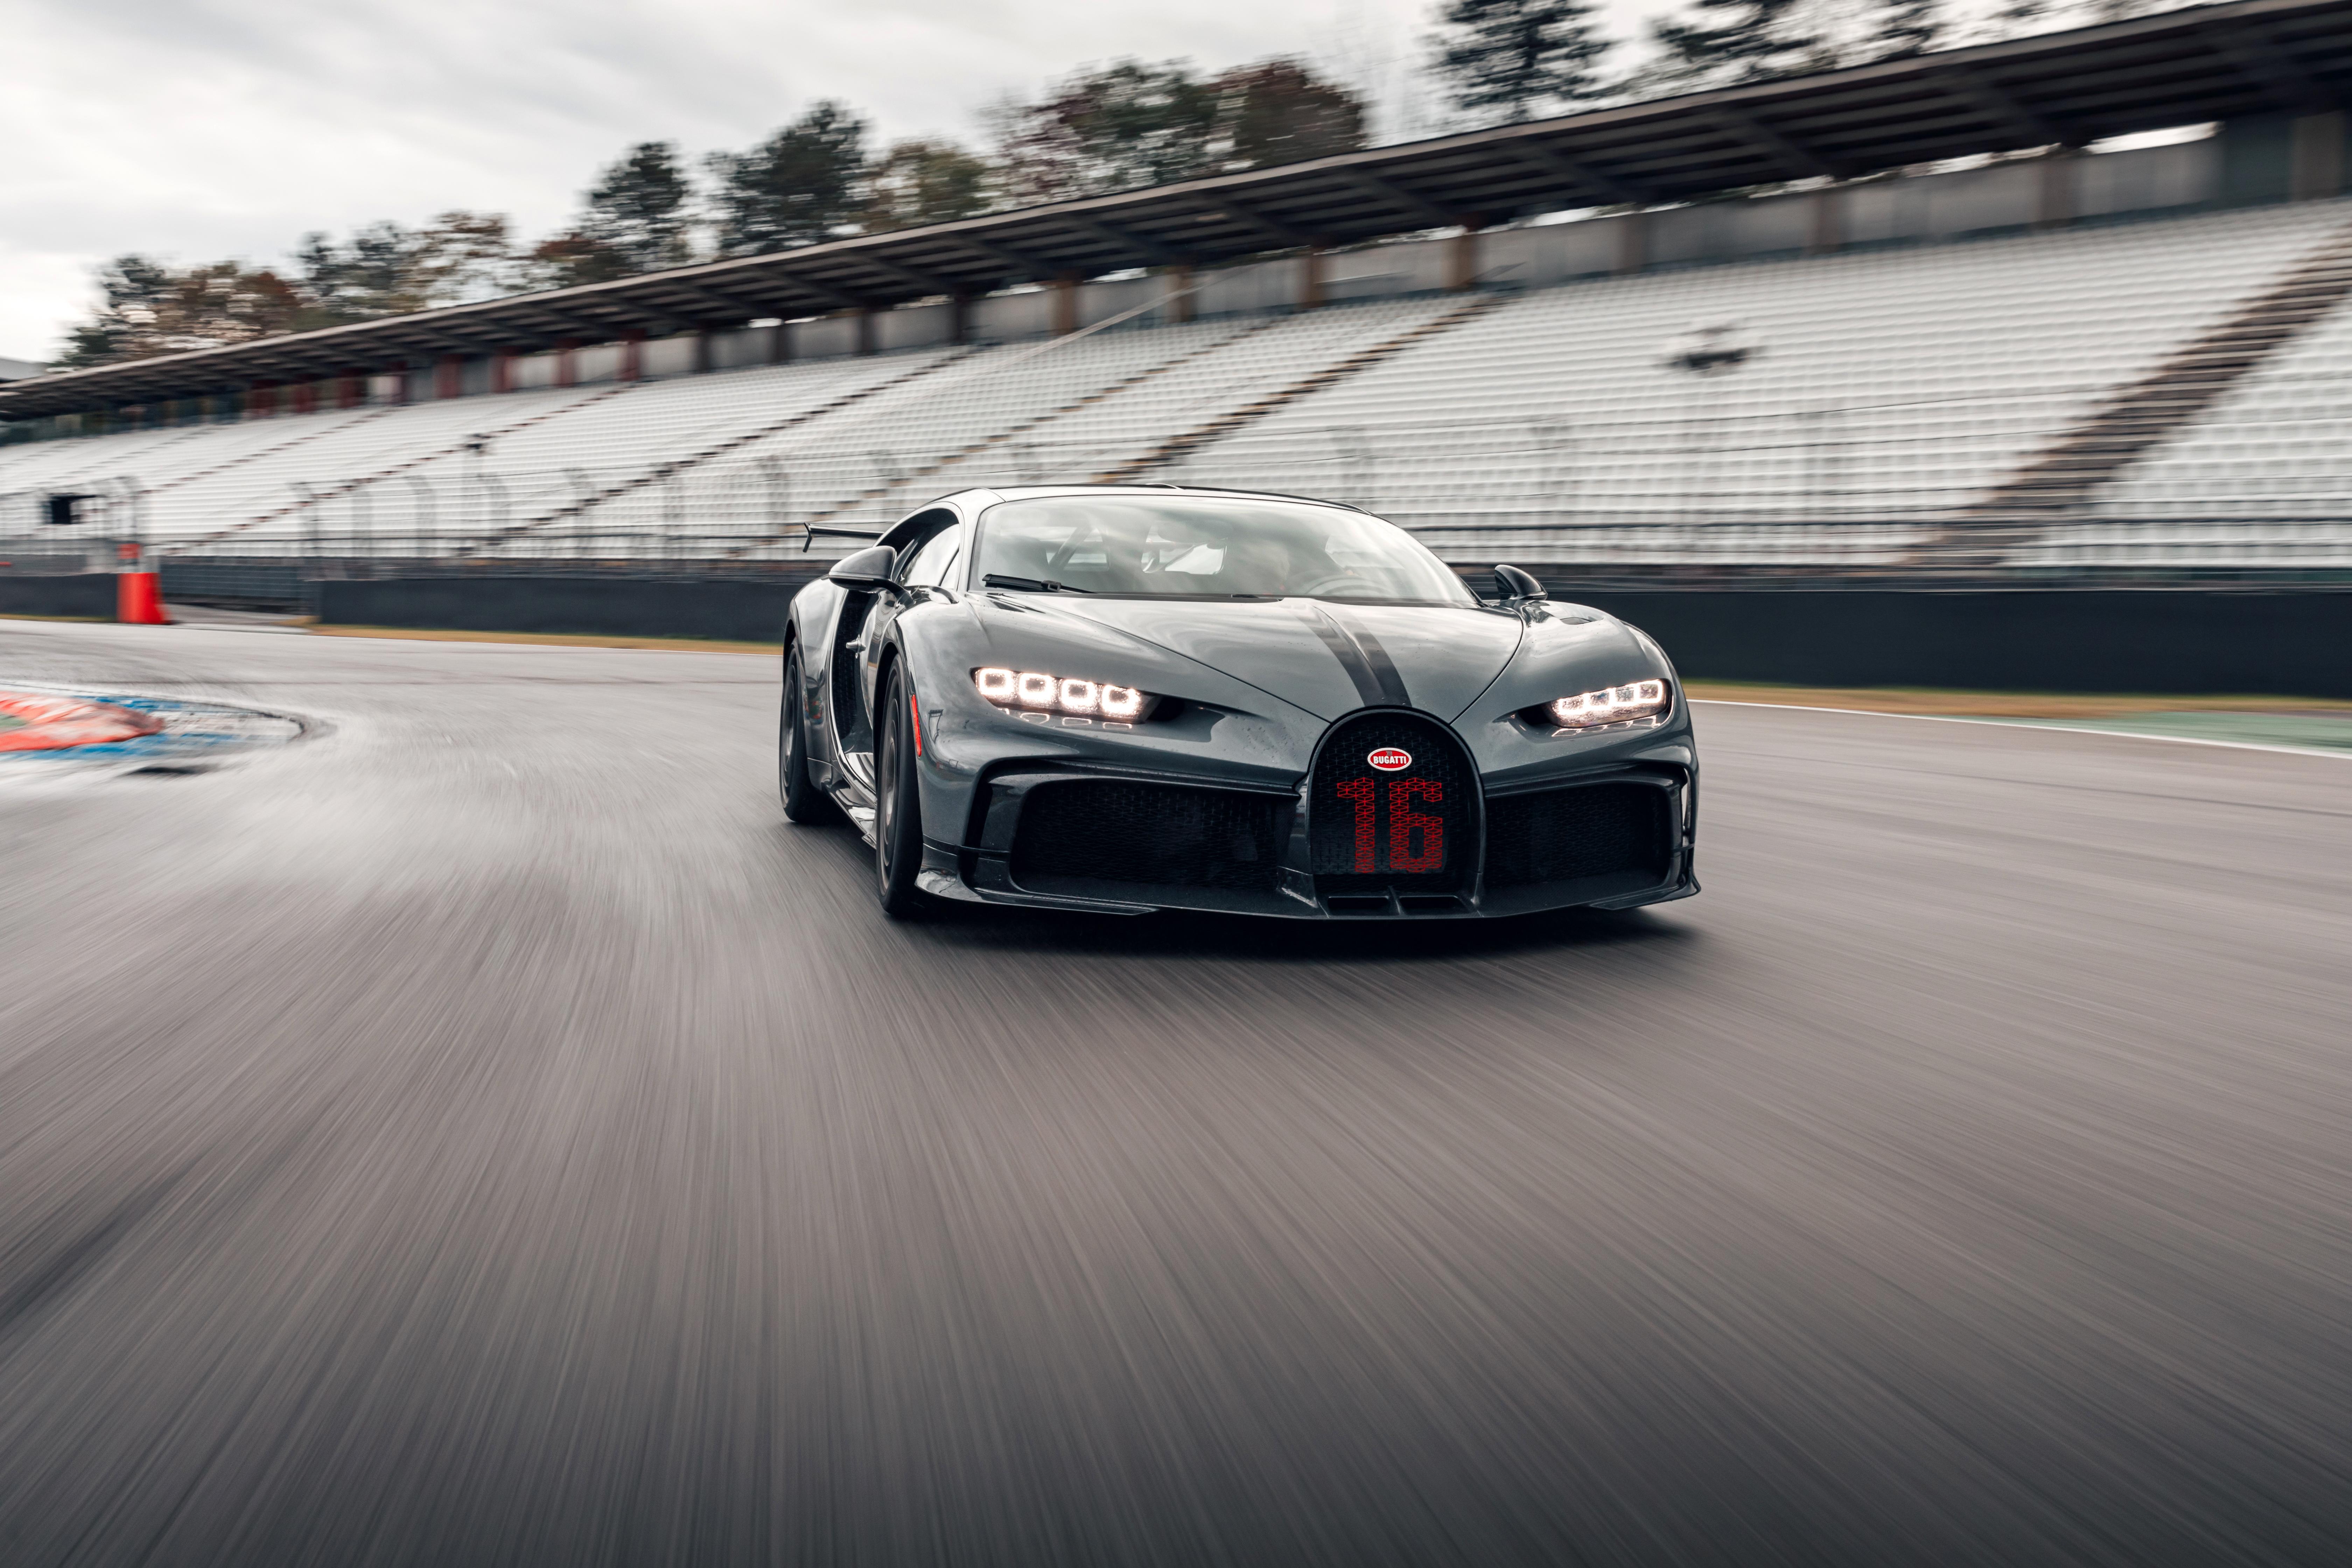 bugatti chiron pur sport 2021 4k 1614632480 1 - Bugatti Chiron Pur Sport 2021 4k - Bugatti Chiron Pur Sport 2021 4k wallpapers